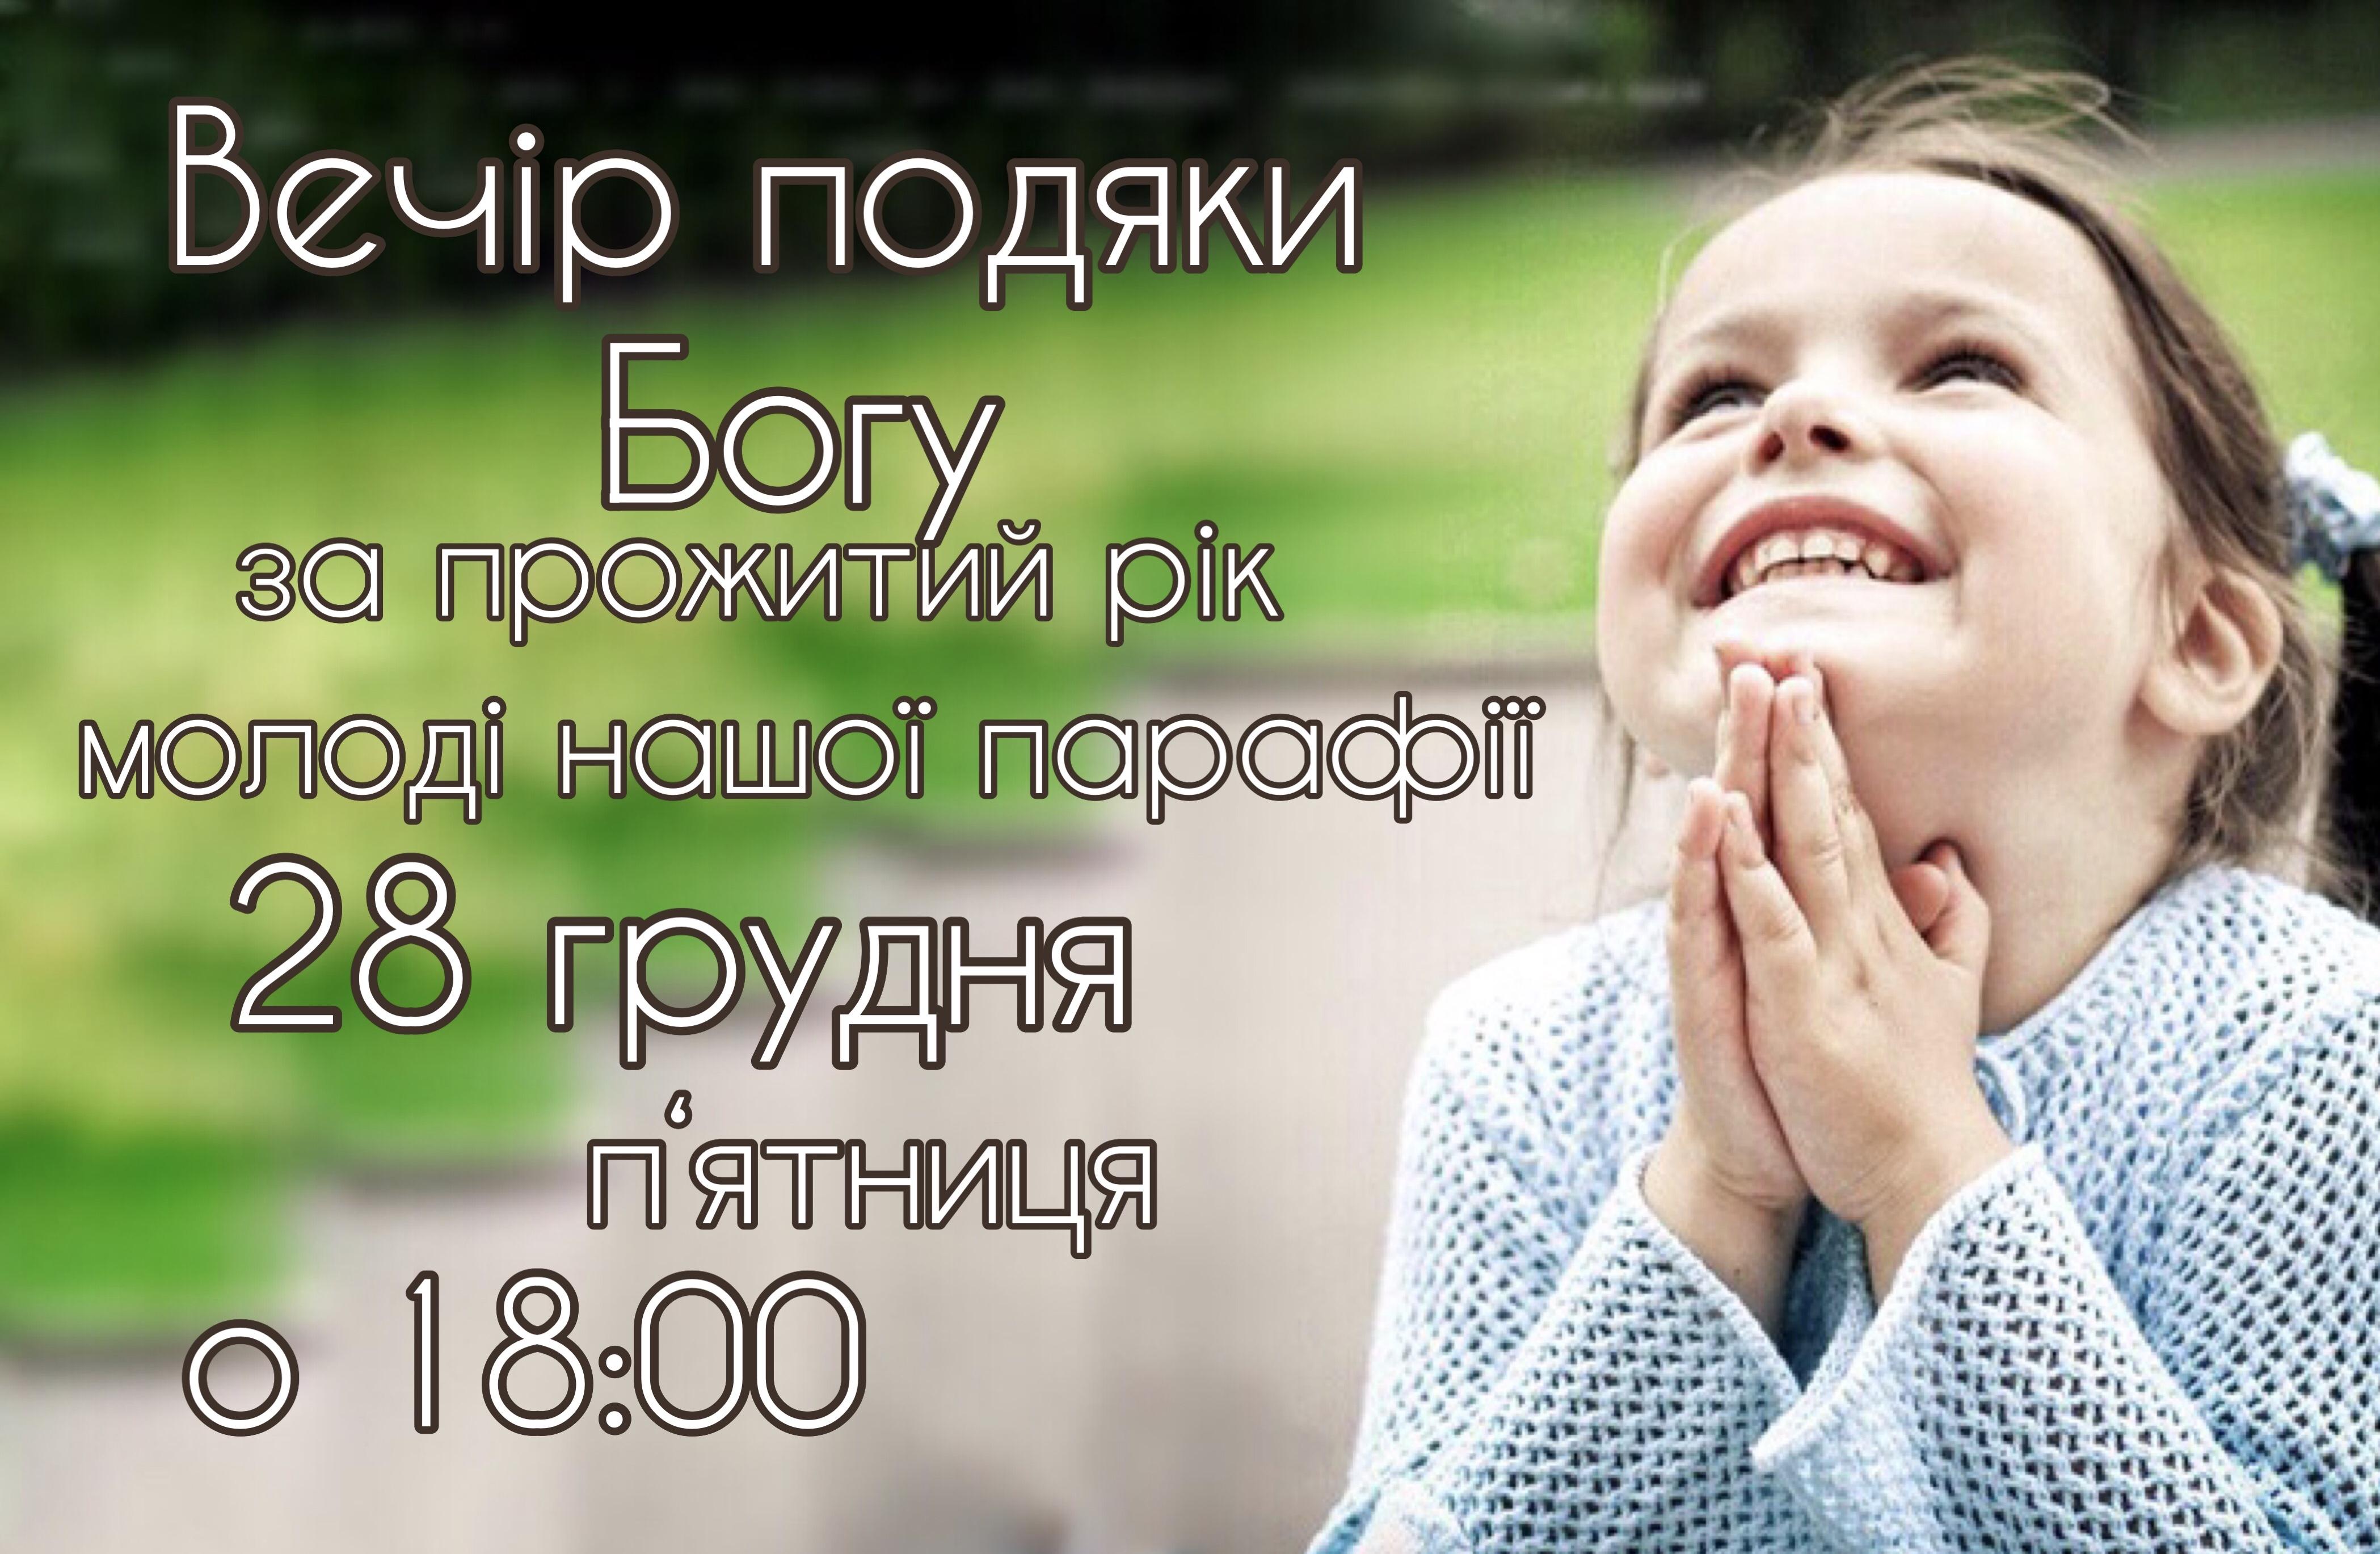 Запрошуємо молодь!